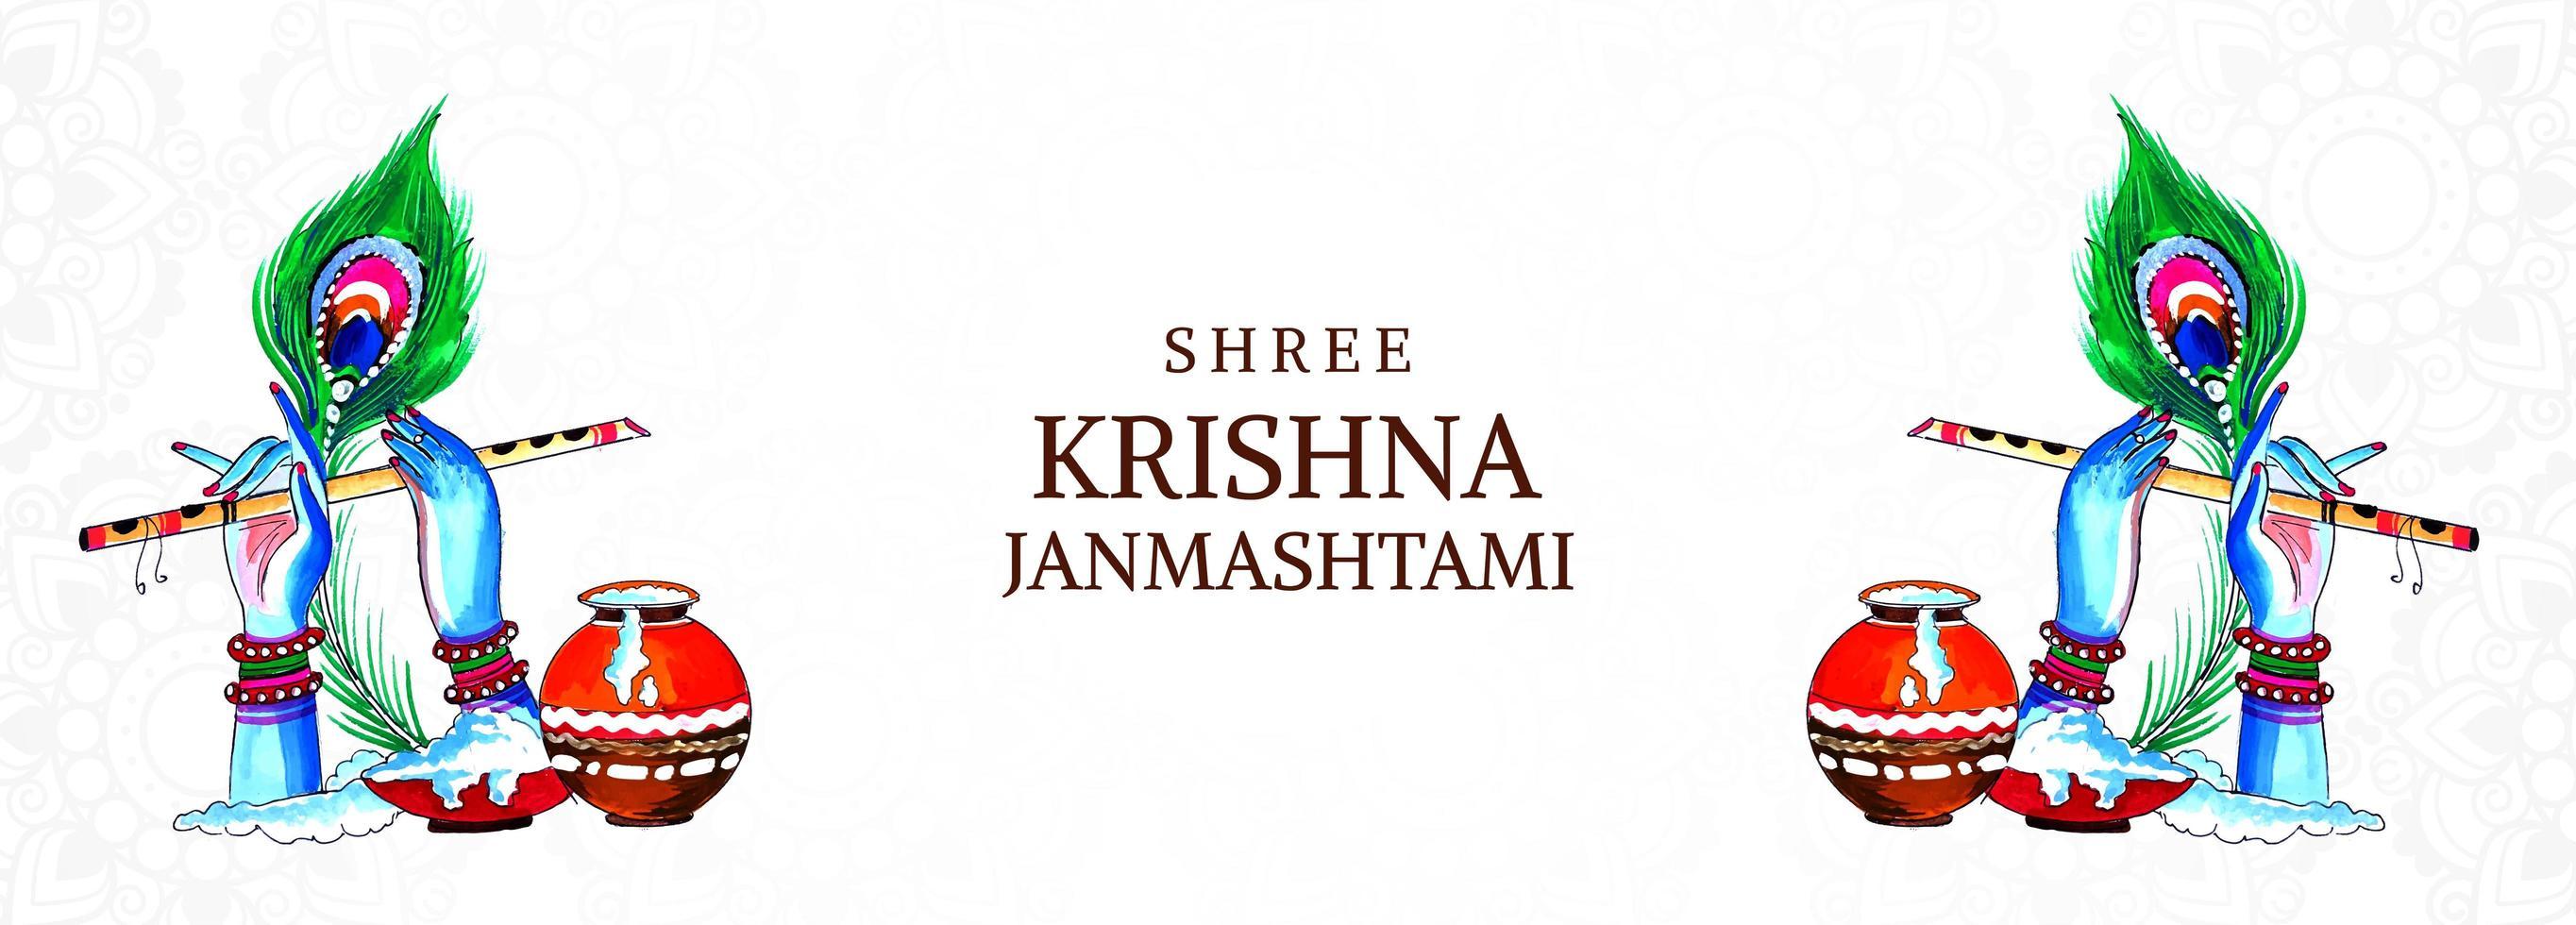 festival lyckliga krishna janmashtami händer och flöjt banner vektor